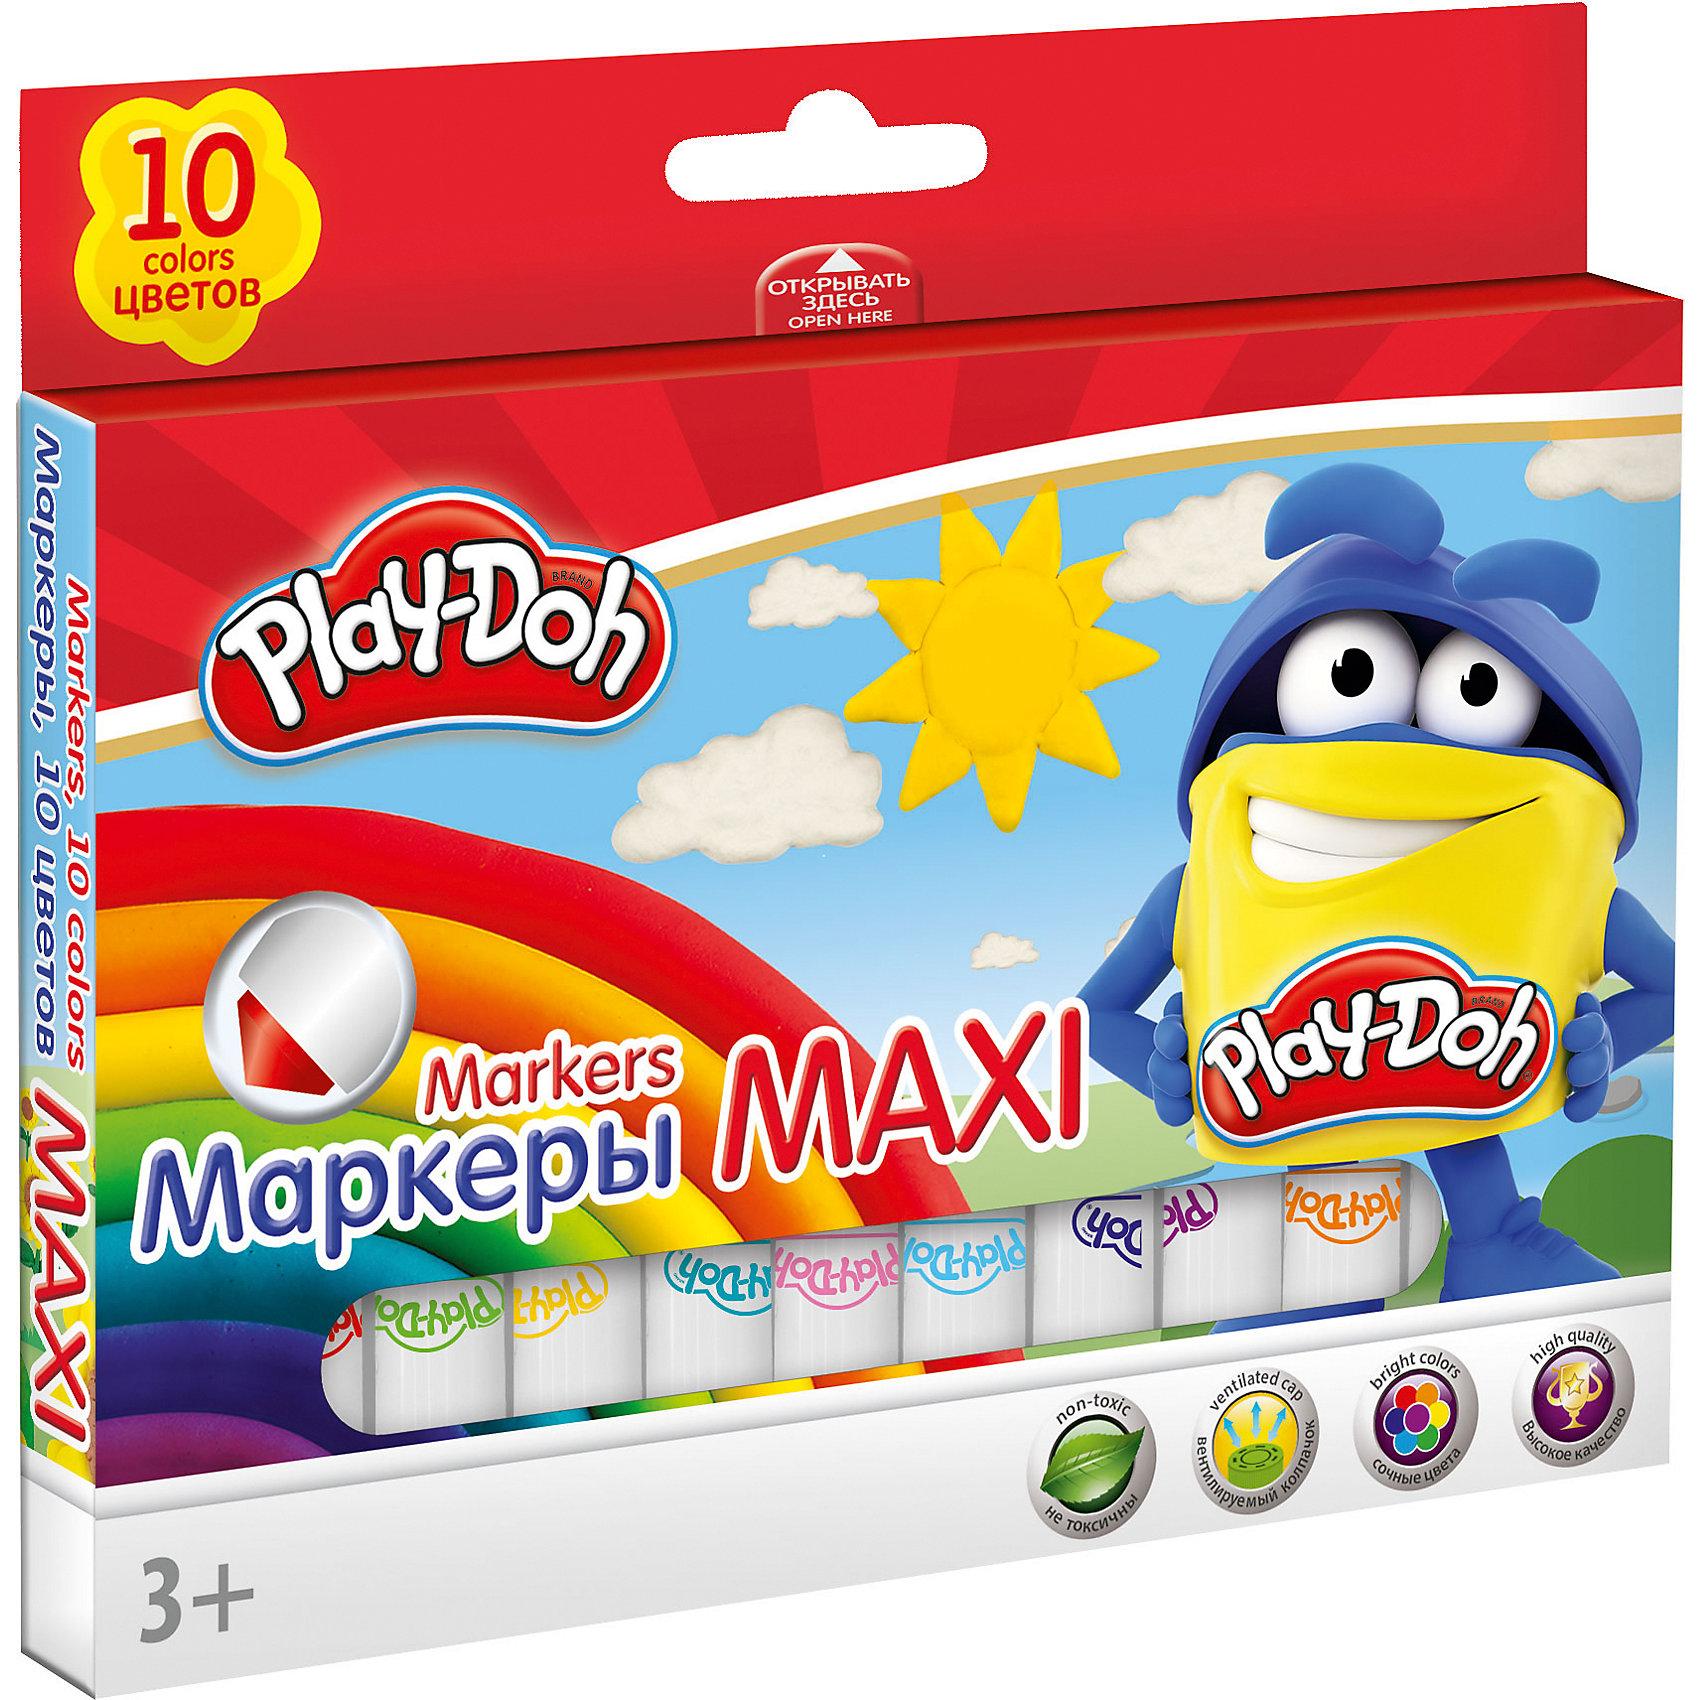 Набор фломастеров 10 шт., Play-DohРисование<br>Набор фломастеров Mega Jumbo, Play-Doh, прекрасно подойдет для детского творчества, рисования и оформительских работ. Фломастеры укороченной формы обладают яркими насыщенными цветами, а прочный утолщенный наконечник позволит рисовать без проблем. Корпус<br>фломастеров изготовлен из высококачественного нетоксичного пластика, нейлоновый стержень, увеличенное содержание чернил, улучшенный пишущий узел. Набор оформлен в красочную картонную упаковку с забавным рисунком. В комплекте 10 фломастеров разных цветов с<br>вентилируемыми колпачками. Утолщенная форма корпуса прививает навык правильно держать пишущий инструмент. Рисование развивает мелкую моторику, воображение, фантазию, а также творческие навыки.<br><br><br>Дополнительная информация:<br><br>- Количество фломастеров: 10 шт.<br>- Материал: пластик. <br>- Толщина стержня: 7,5 мм.<br>- Размер упаковки: 15,5 х 1,5 х 15,5 см.<br>- Вес: 108 гр.<br><br>Набор фломастеров 10 шт., Play-Doh, можно купить в нашем интернет-магазине.<br><br>Ширина мм: 105<br>Глубина мм: 155<br>Высота мм: 15<br>Вес г: 108<br>Возраст от месяцев: 36<br>Возраст до месяцев: 72<br>Пол: Унисекс<br>Возраст: Детский<br>SKU: 4681186